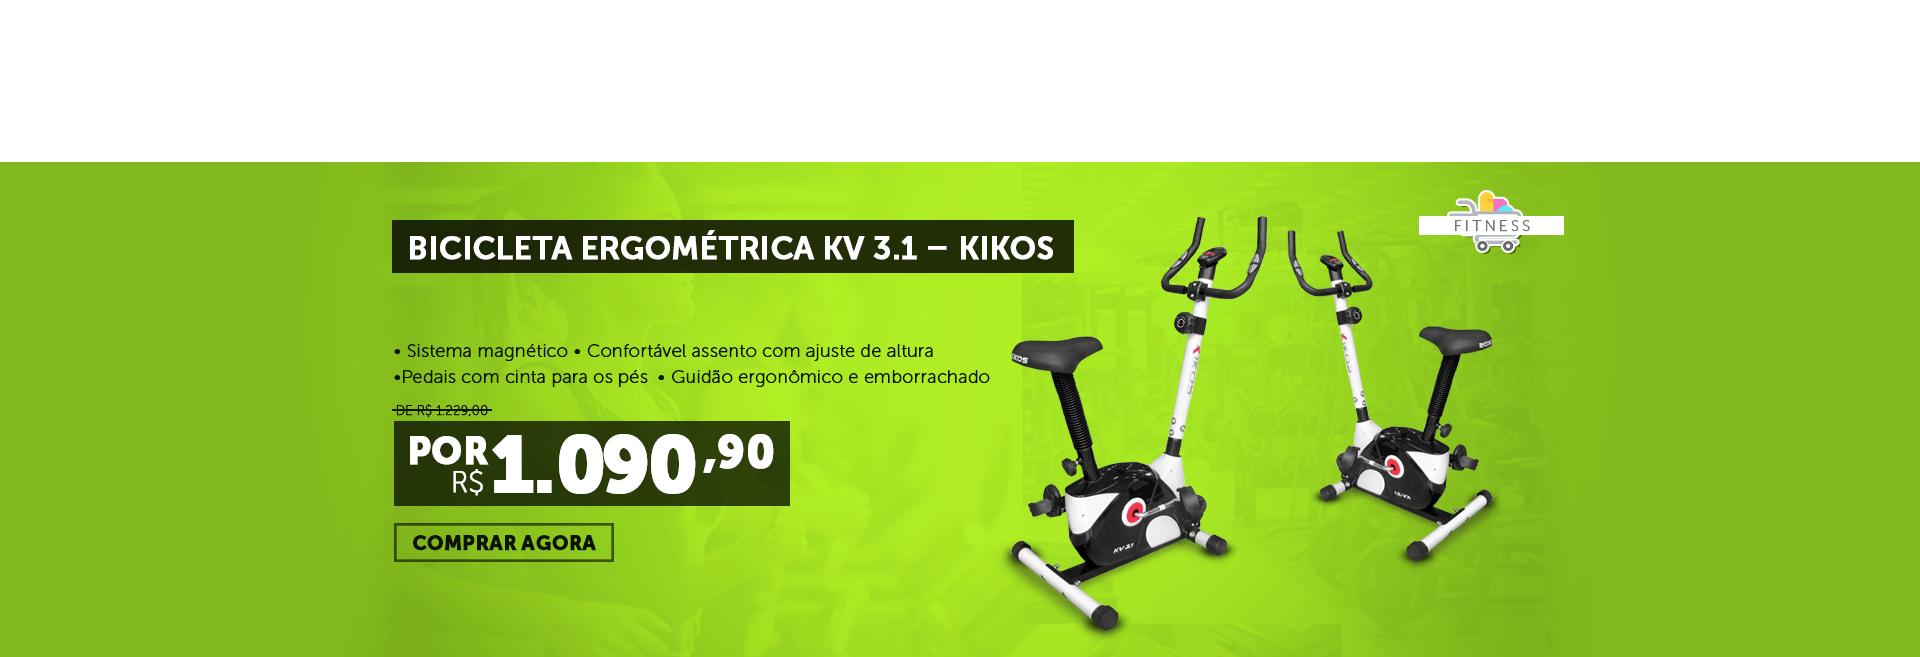 Férias - Bike kikos